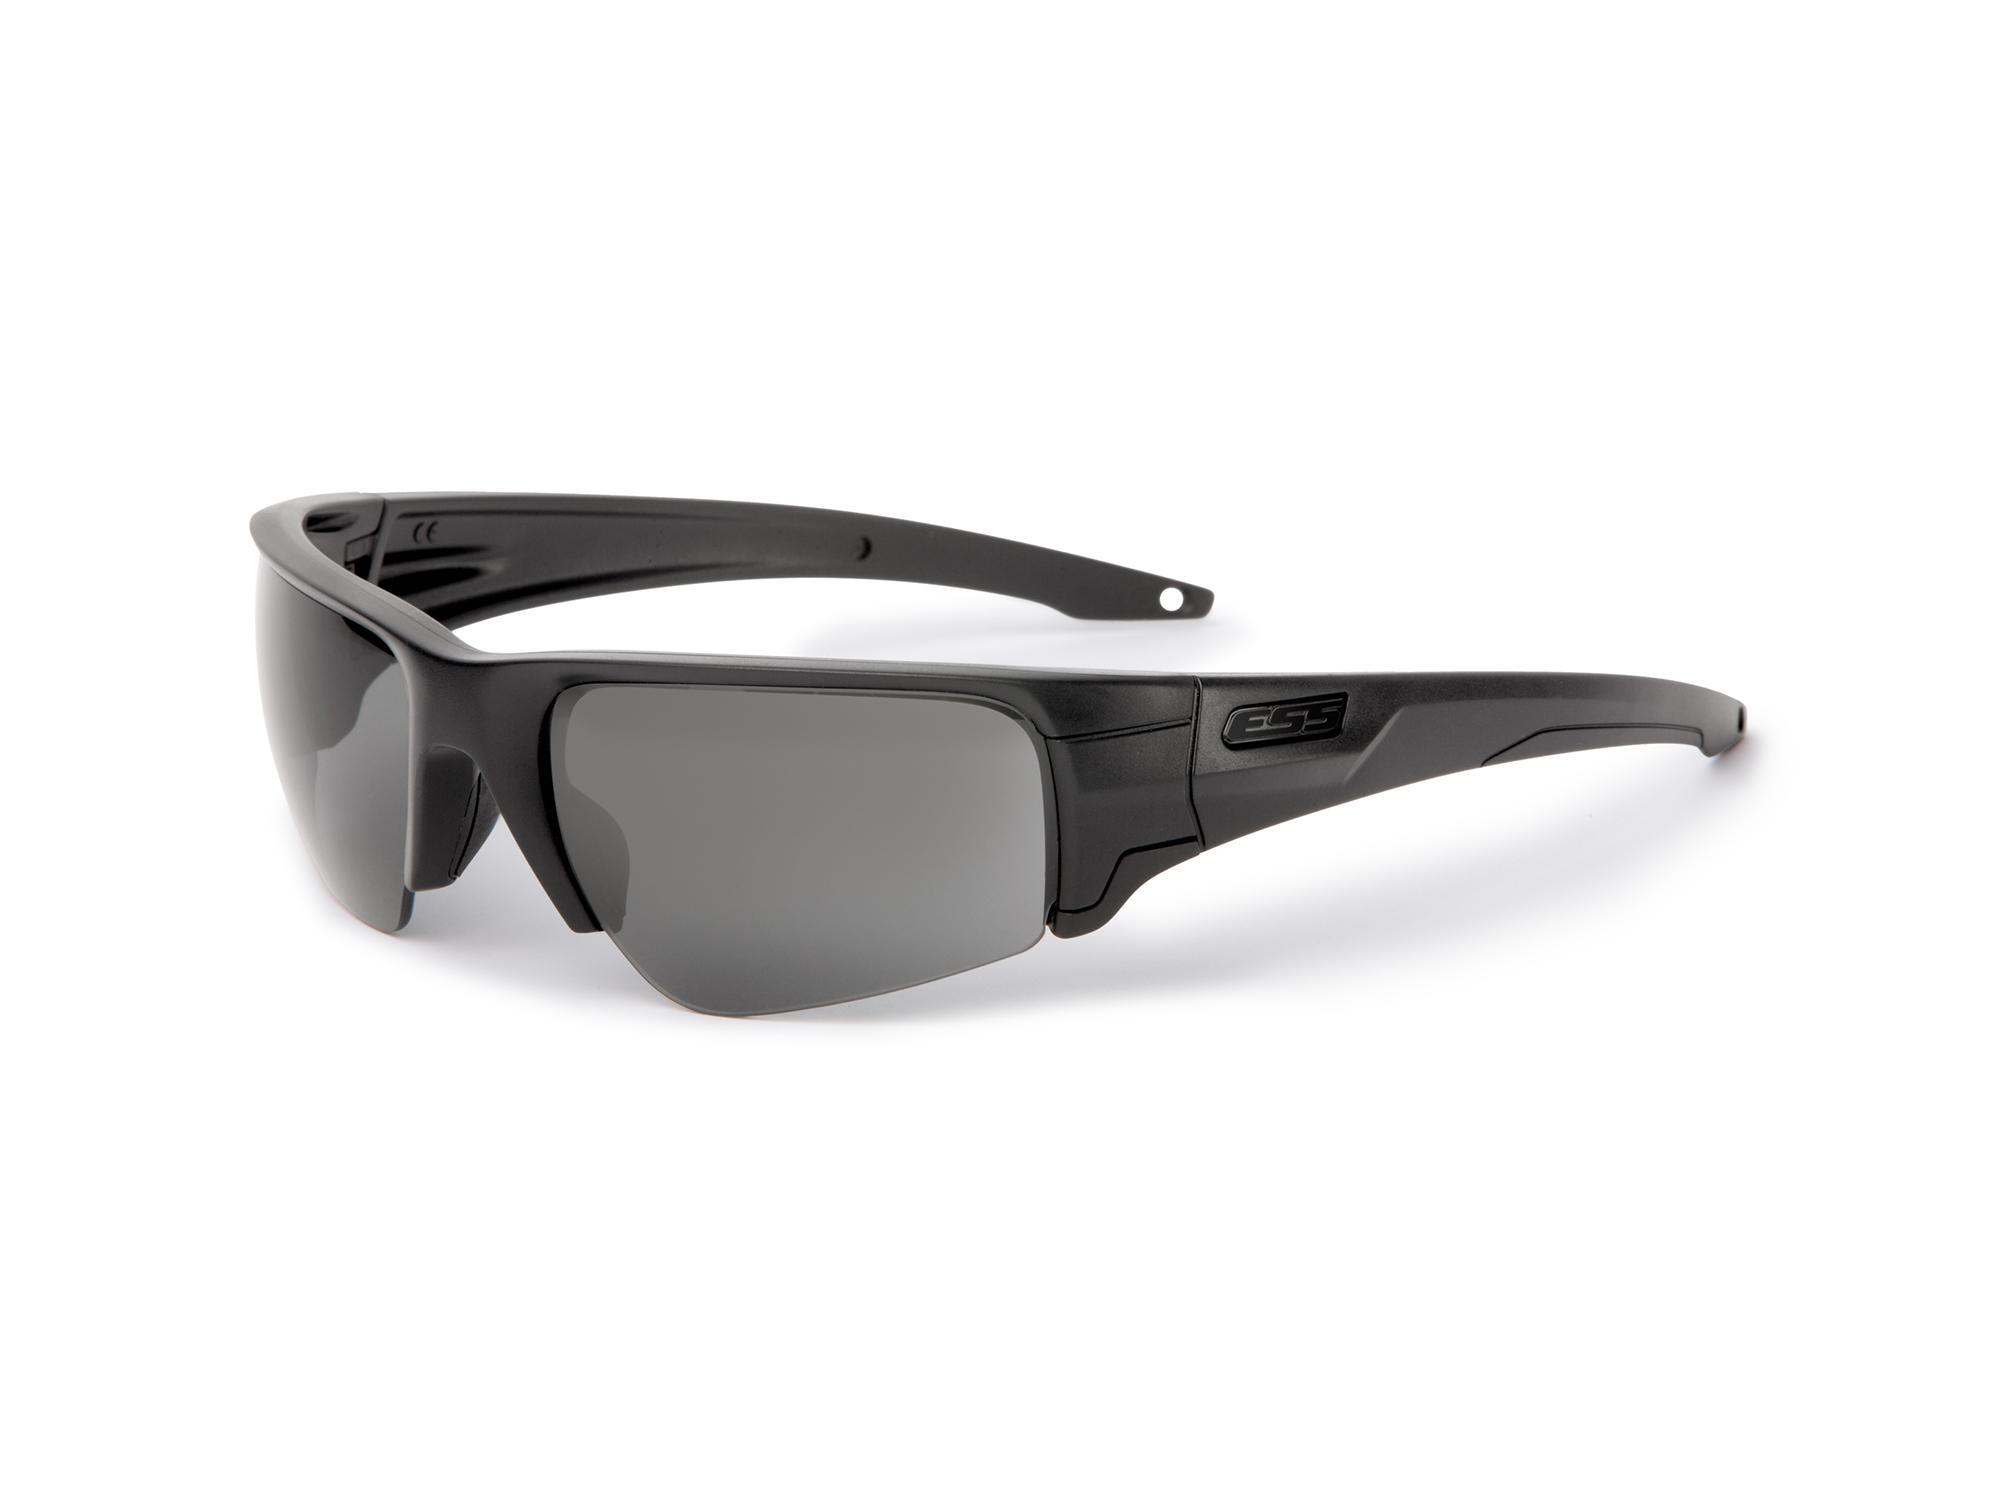 EE9019-01フレーム:ブラック、レンズ:スモークグレイ/クリアー、 ブラックLOGO